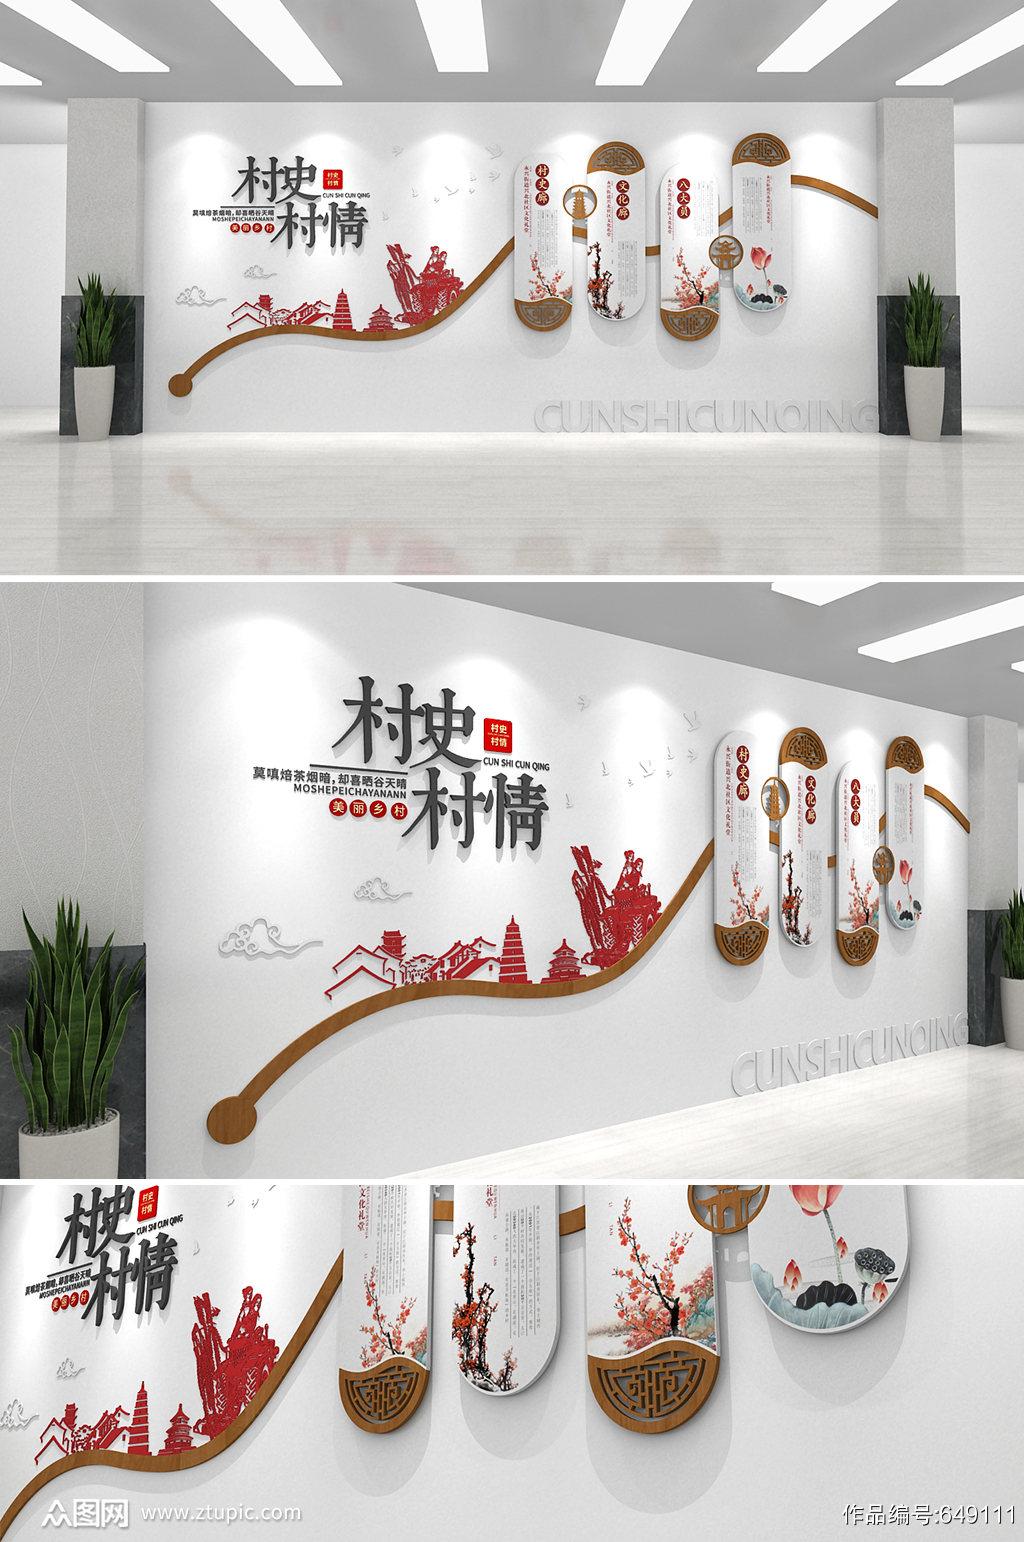 简约大气中式村史村情乡村村部 村史馆文化墙素材